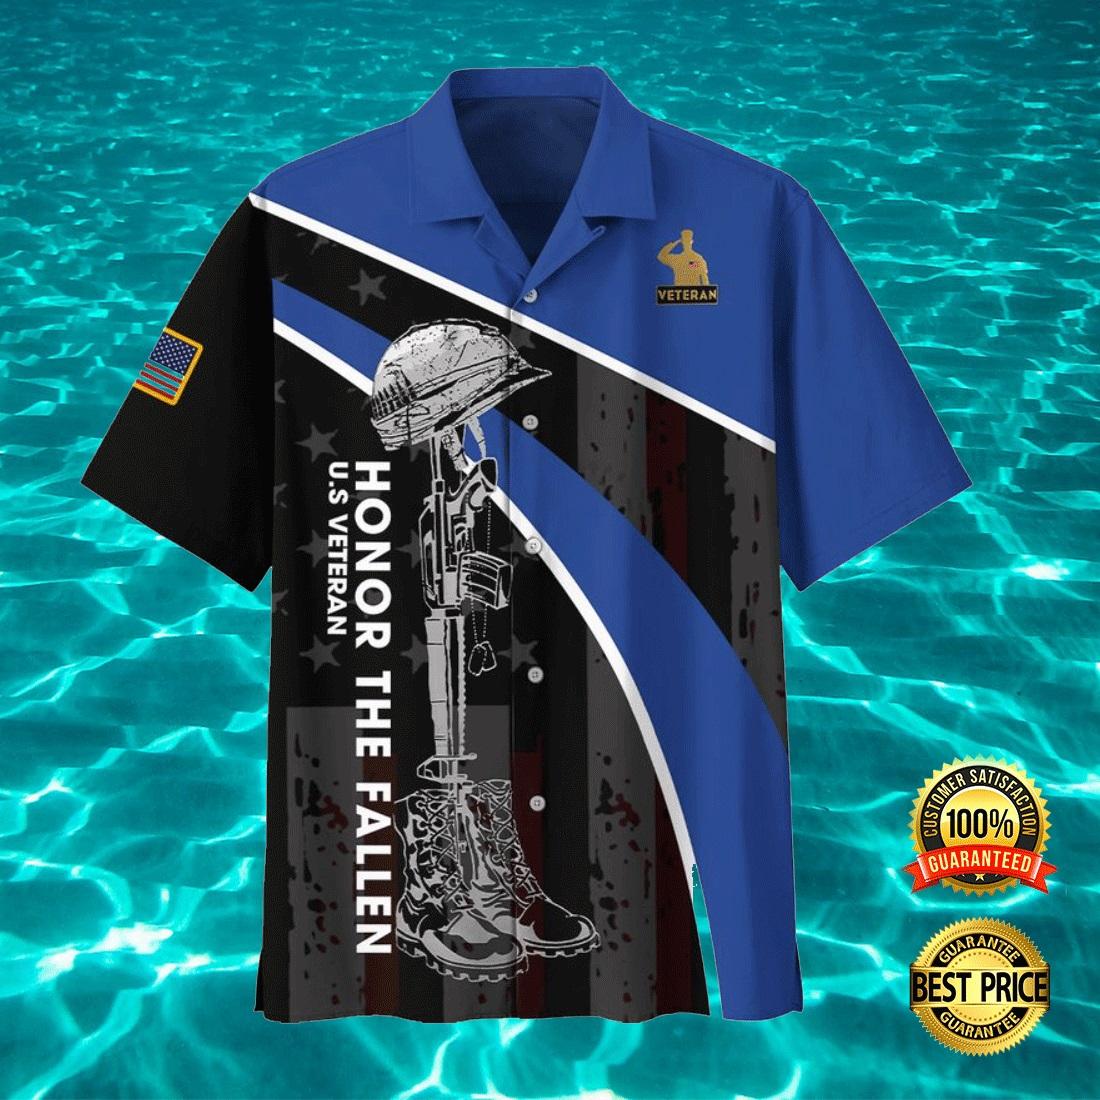 US VETERAN HONOR THE FALLEN HAWAIIAN SHIRT 7